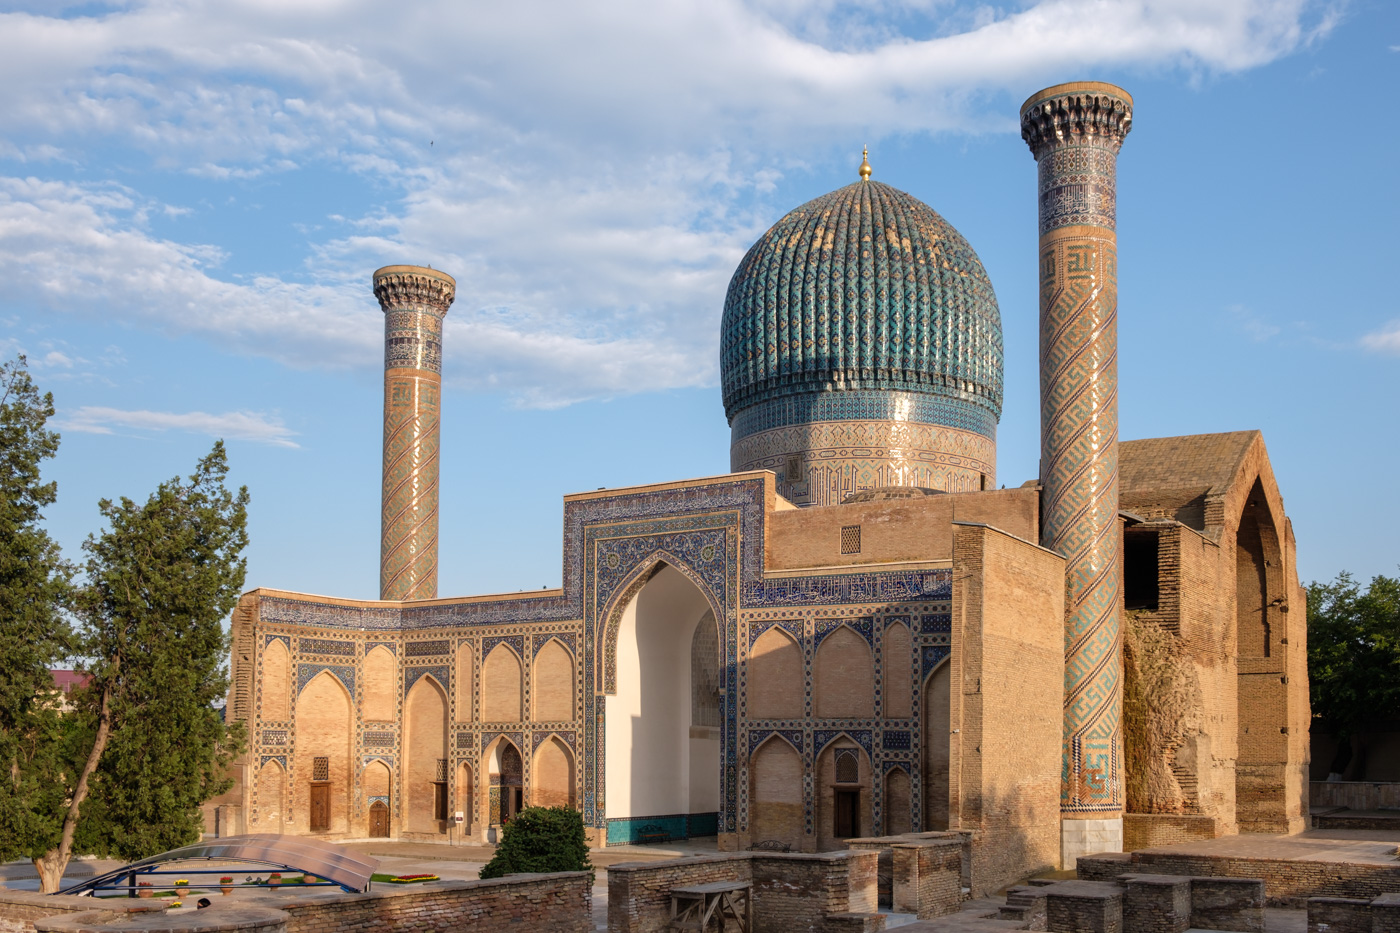 Gur-Emir-Mausoleum, Timurs Begräbnisstätte in Samarkand.